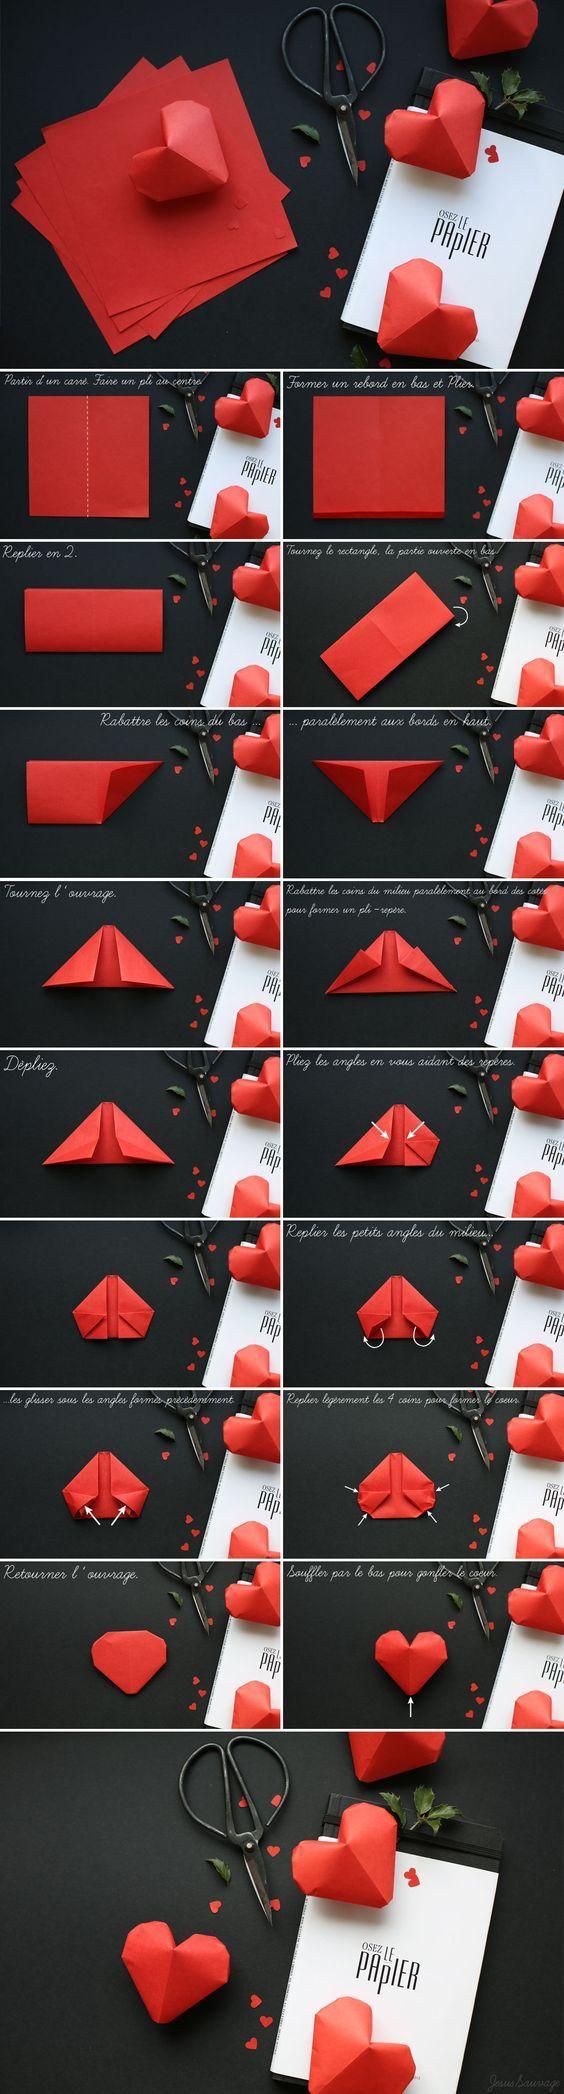 Corazones de Origami / Origami hearts: